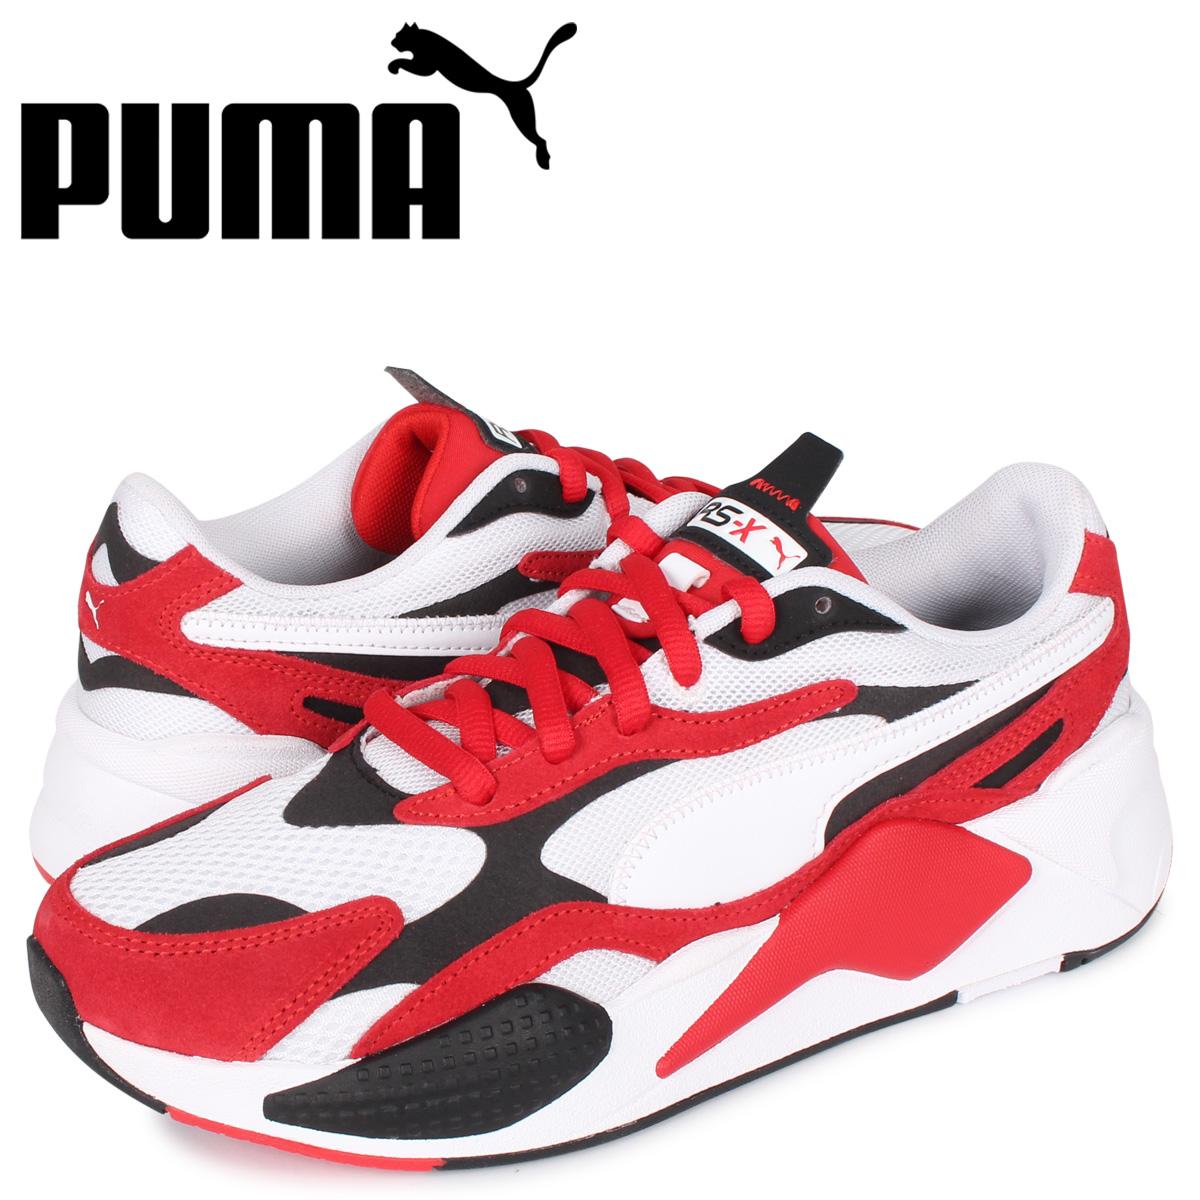 プーマ PUMA スーパー スニーカー メンズ RS-X3 SUPER レッド 372884-01